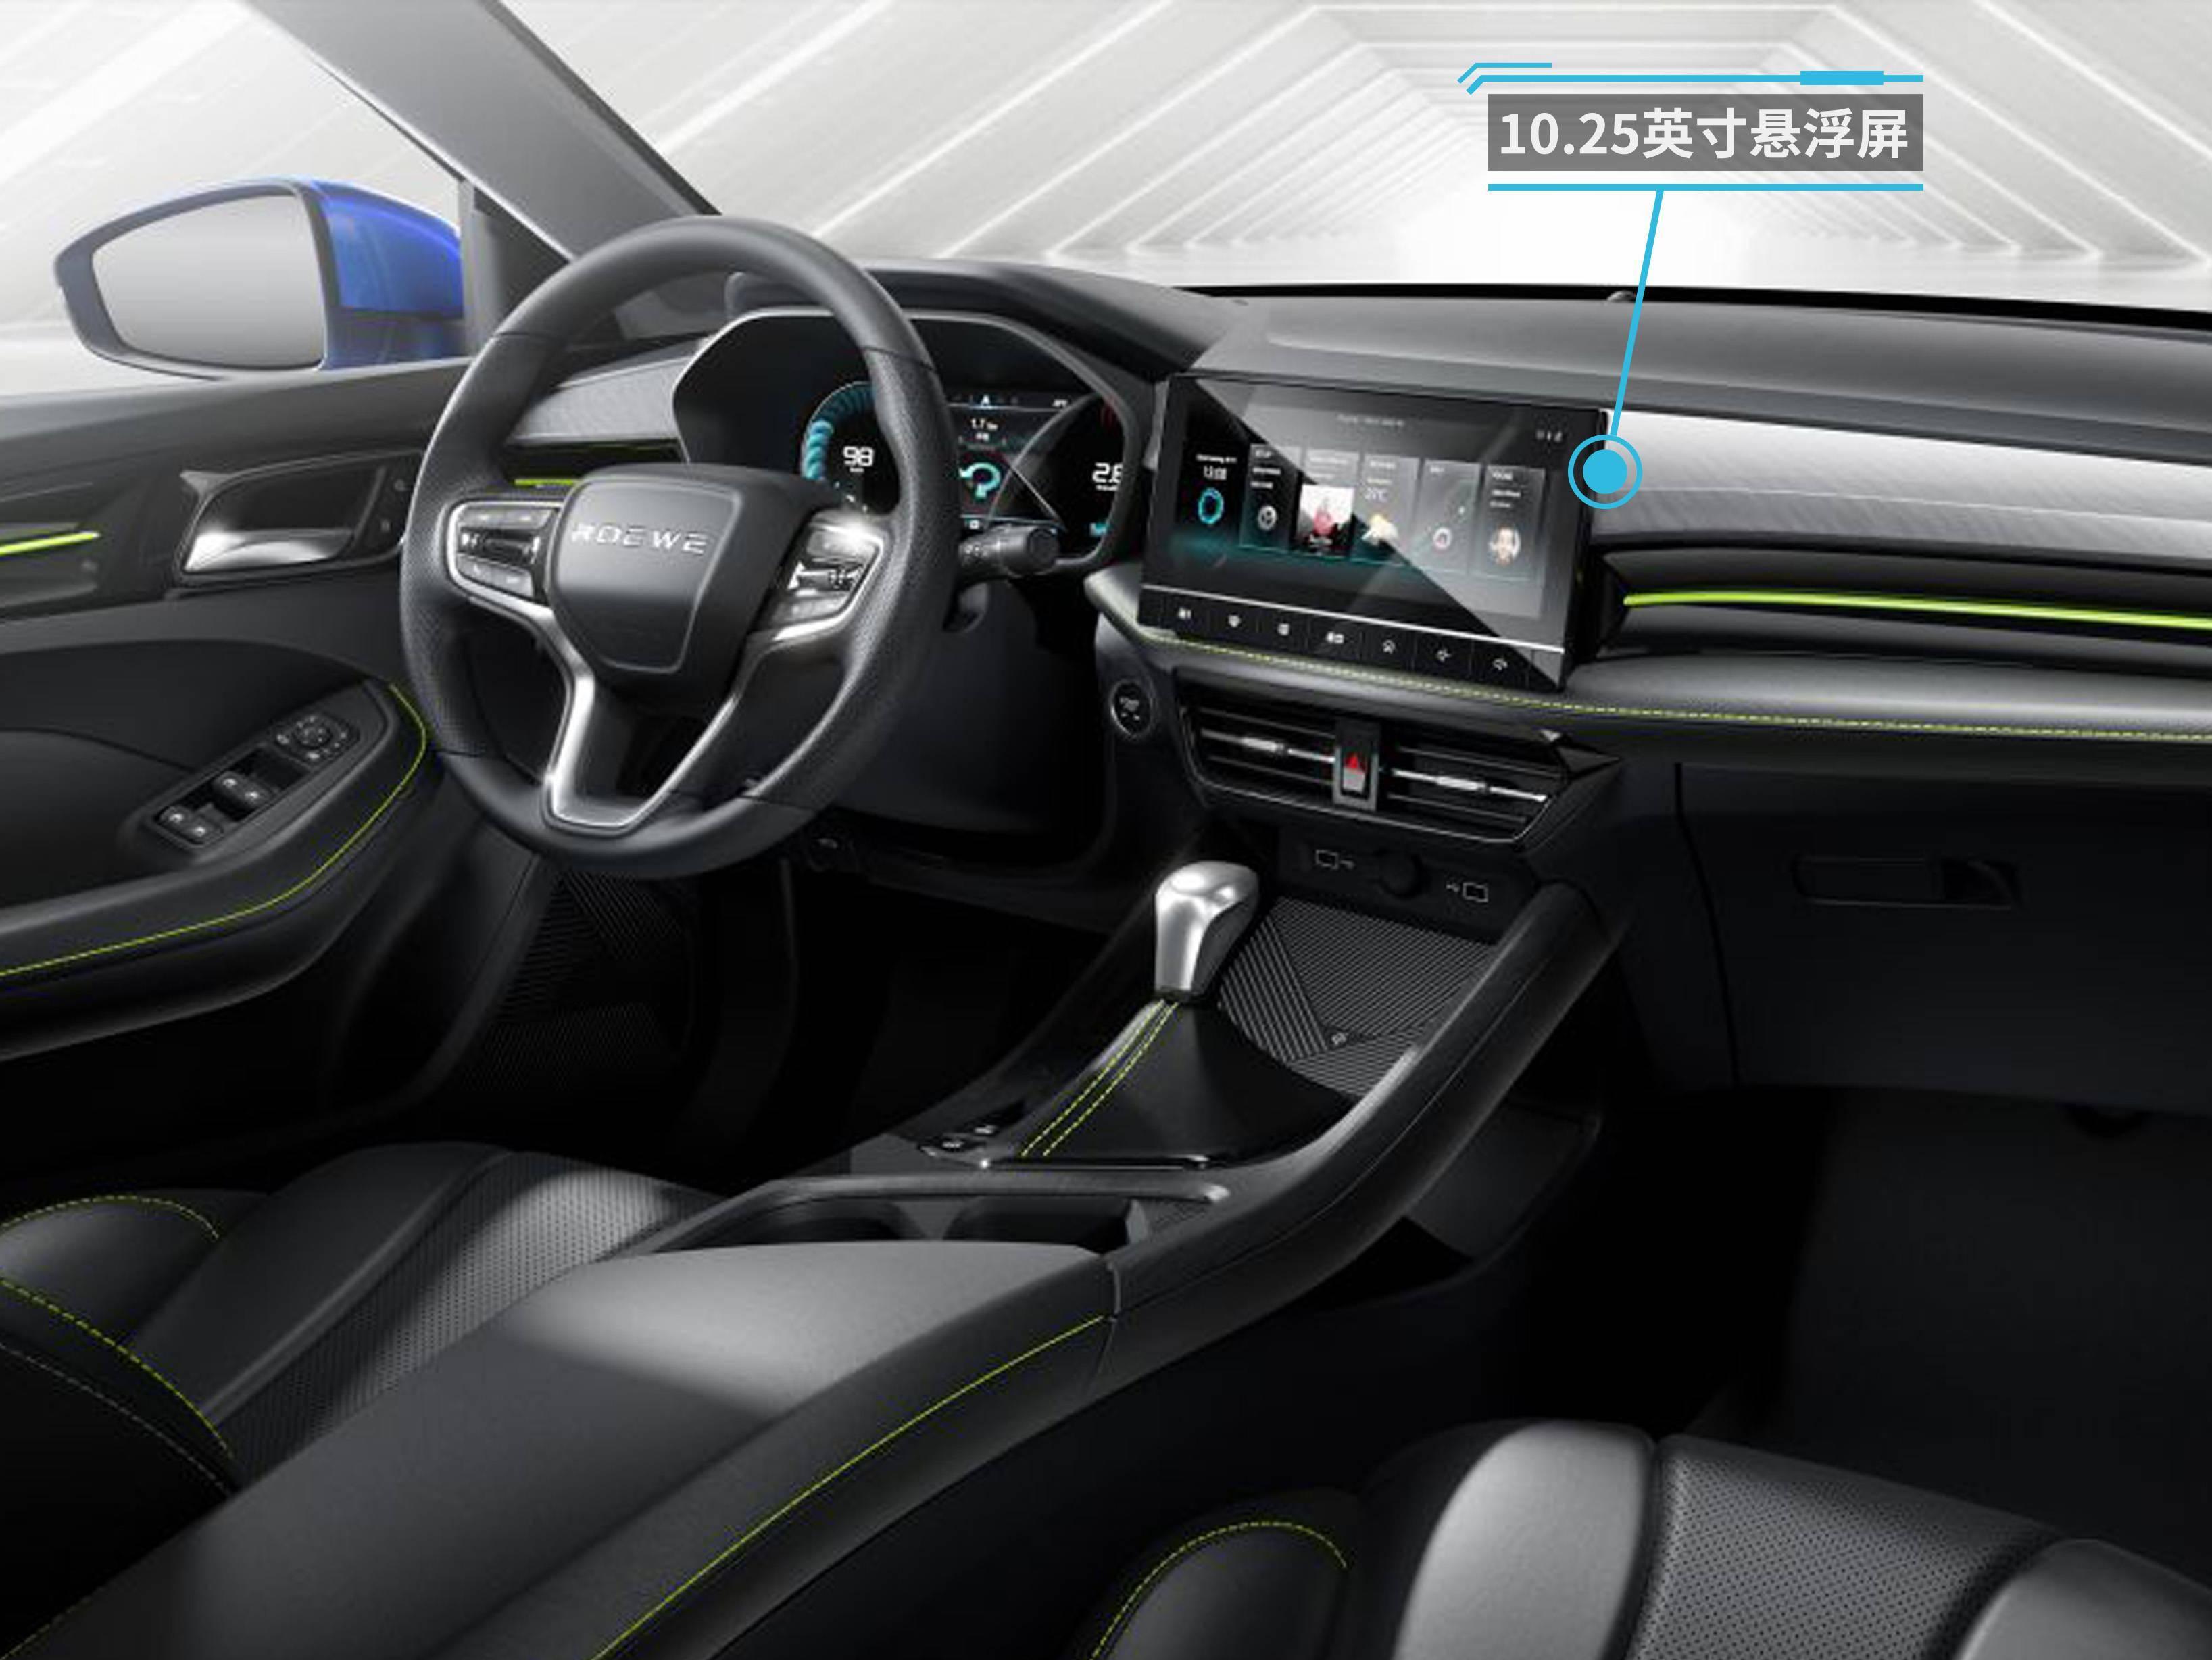 「新潮·科技」為主題 新款榮威i5內飾官圖發布